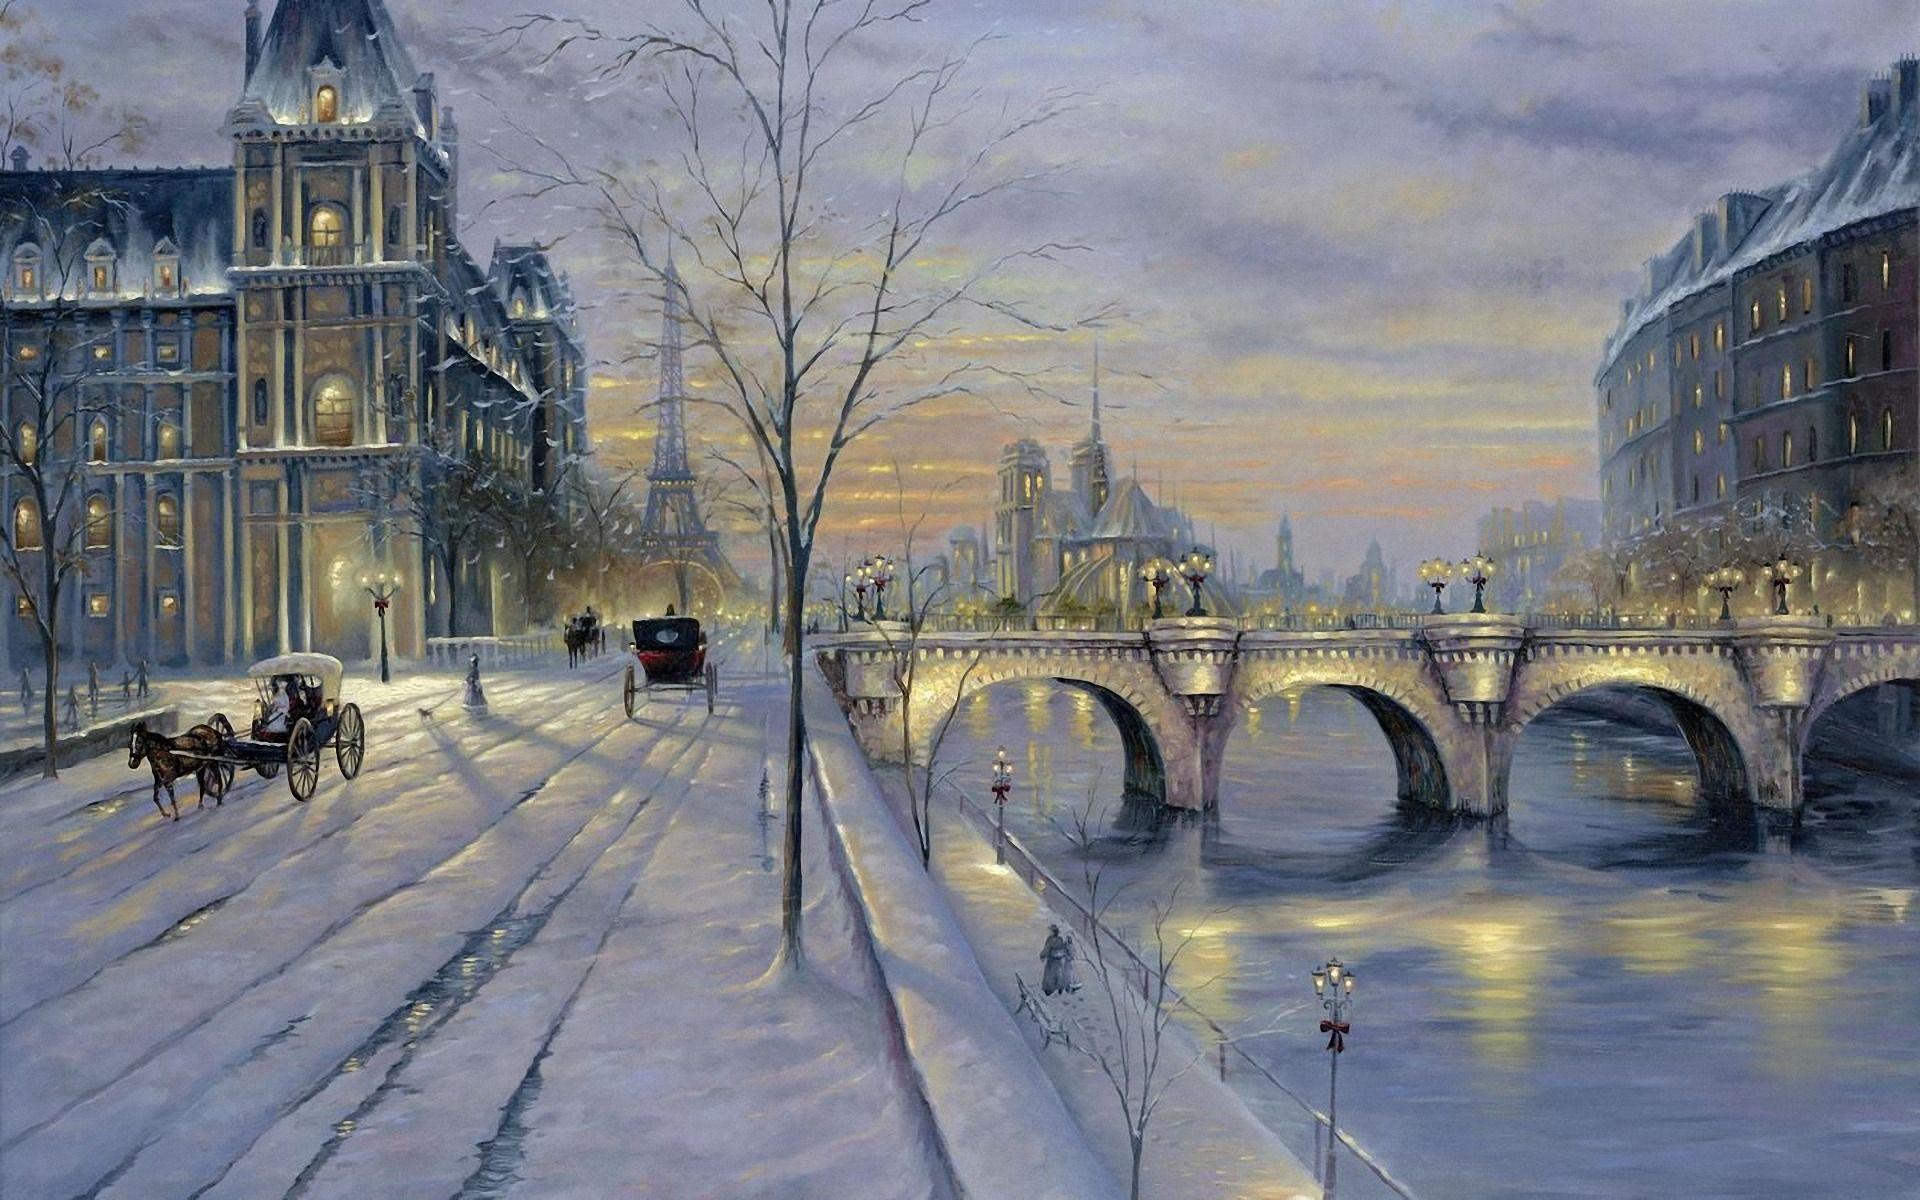 السياحة في باريس في الشتاء